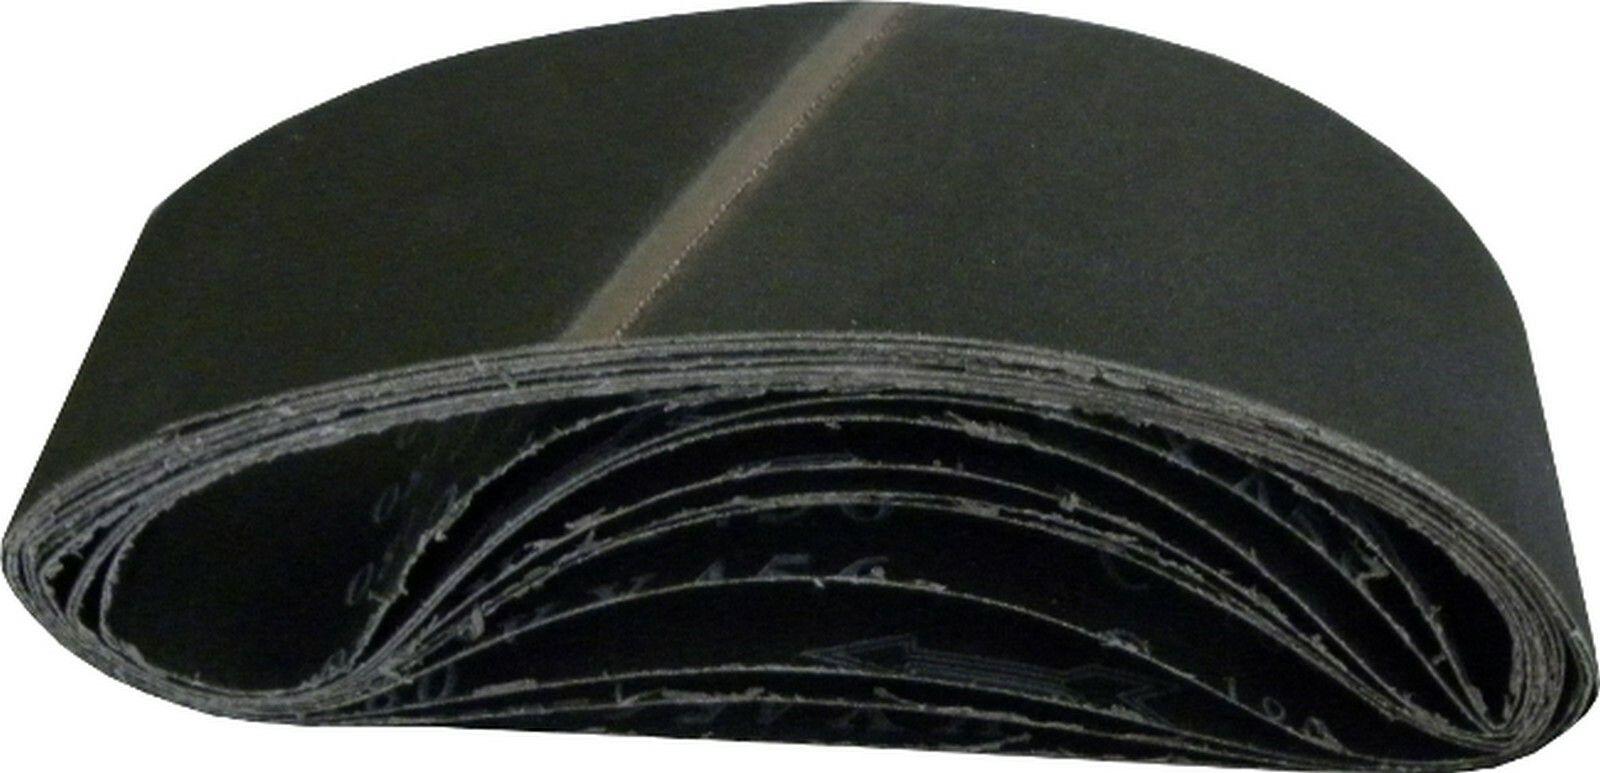 Plátno brusné nekonečný pás, 75x533mm, P100 GEKO